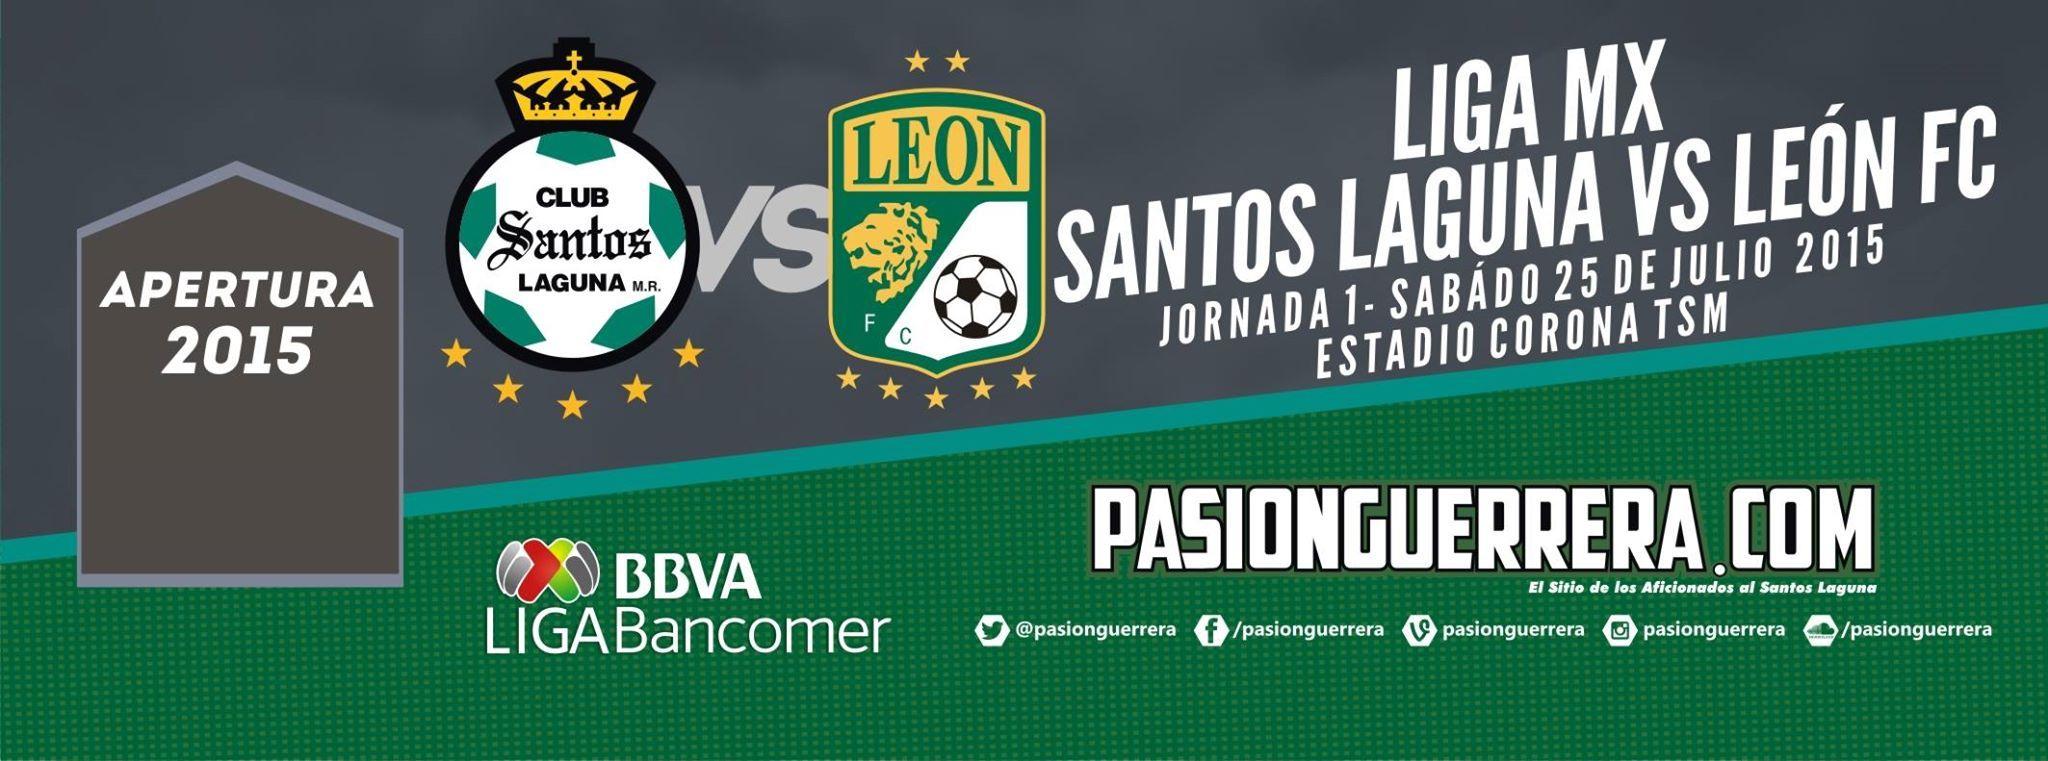 Temporada 2015-2016 / Torneo Apertura / Jornada 1 / Sábado, 25 de Julio de 2015